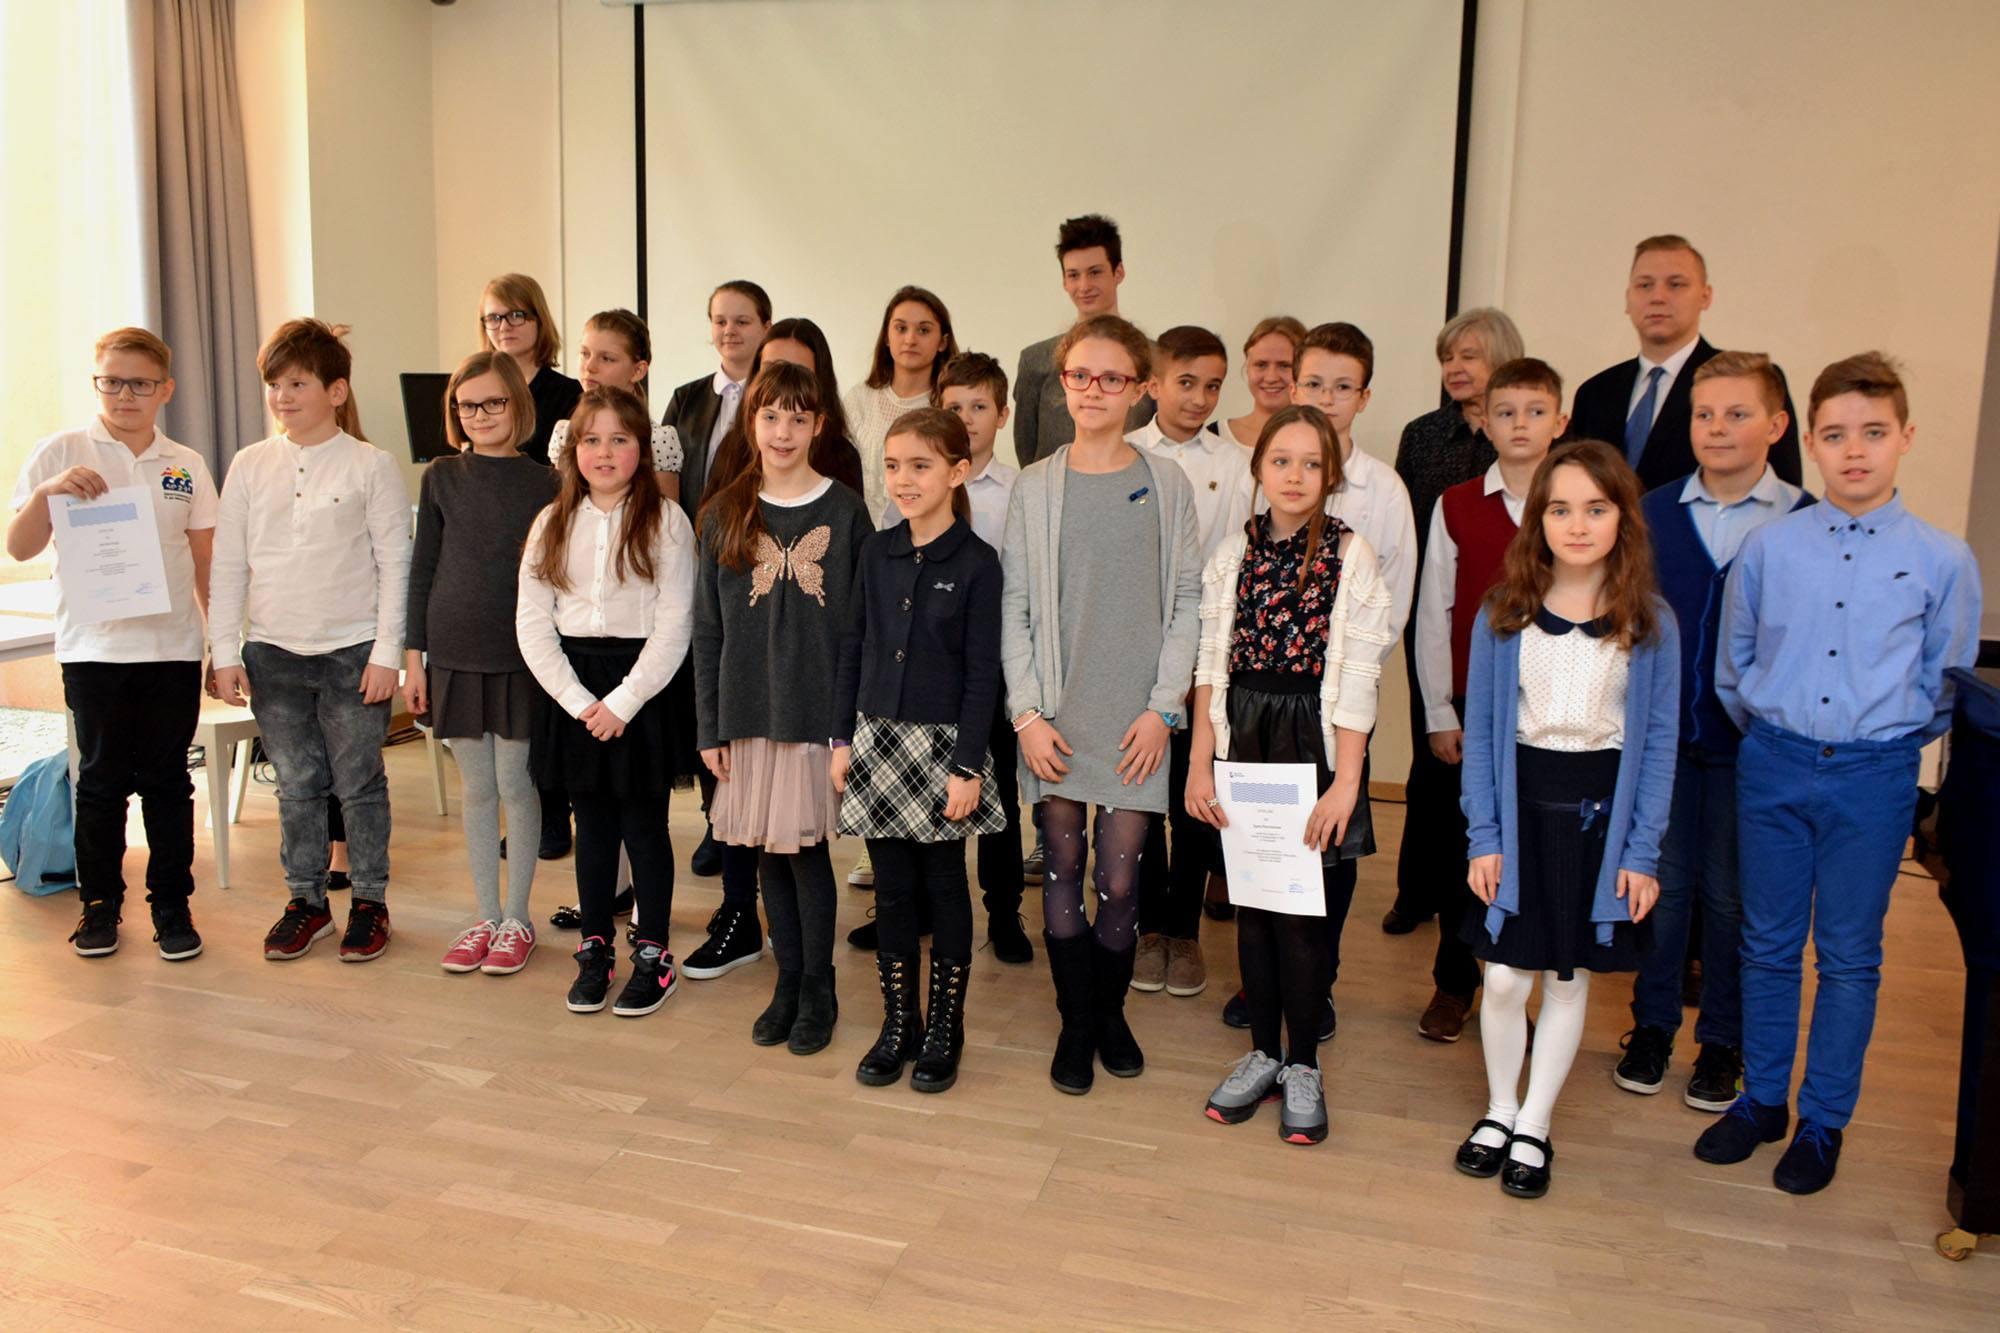 W zamkniętej sali grupa dzieci, laureatów konkursu, pozuje do zdjęcia.